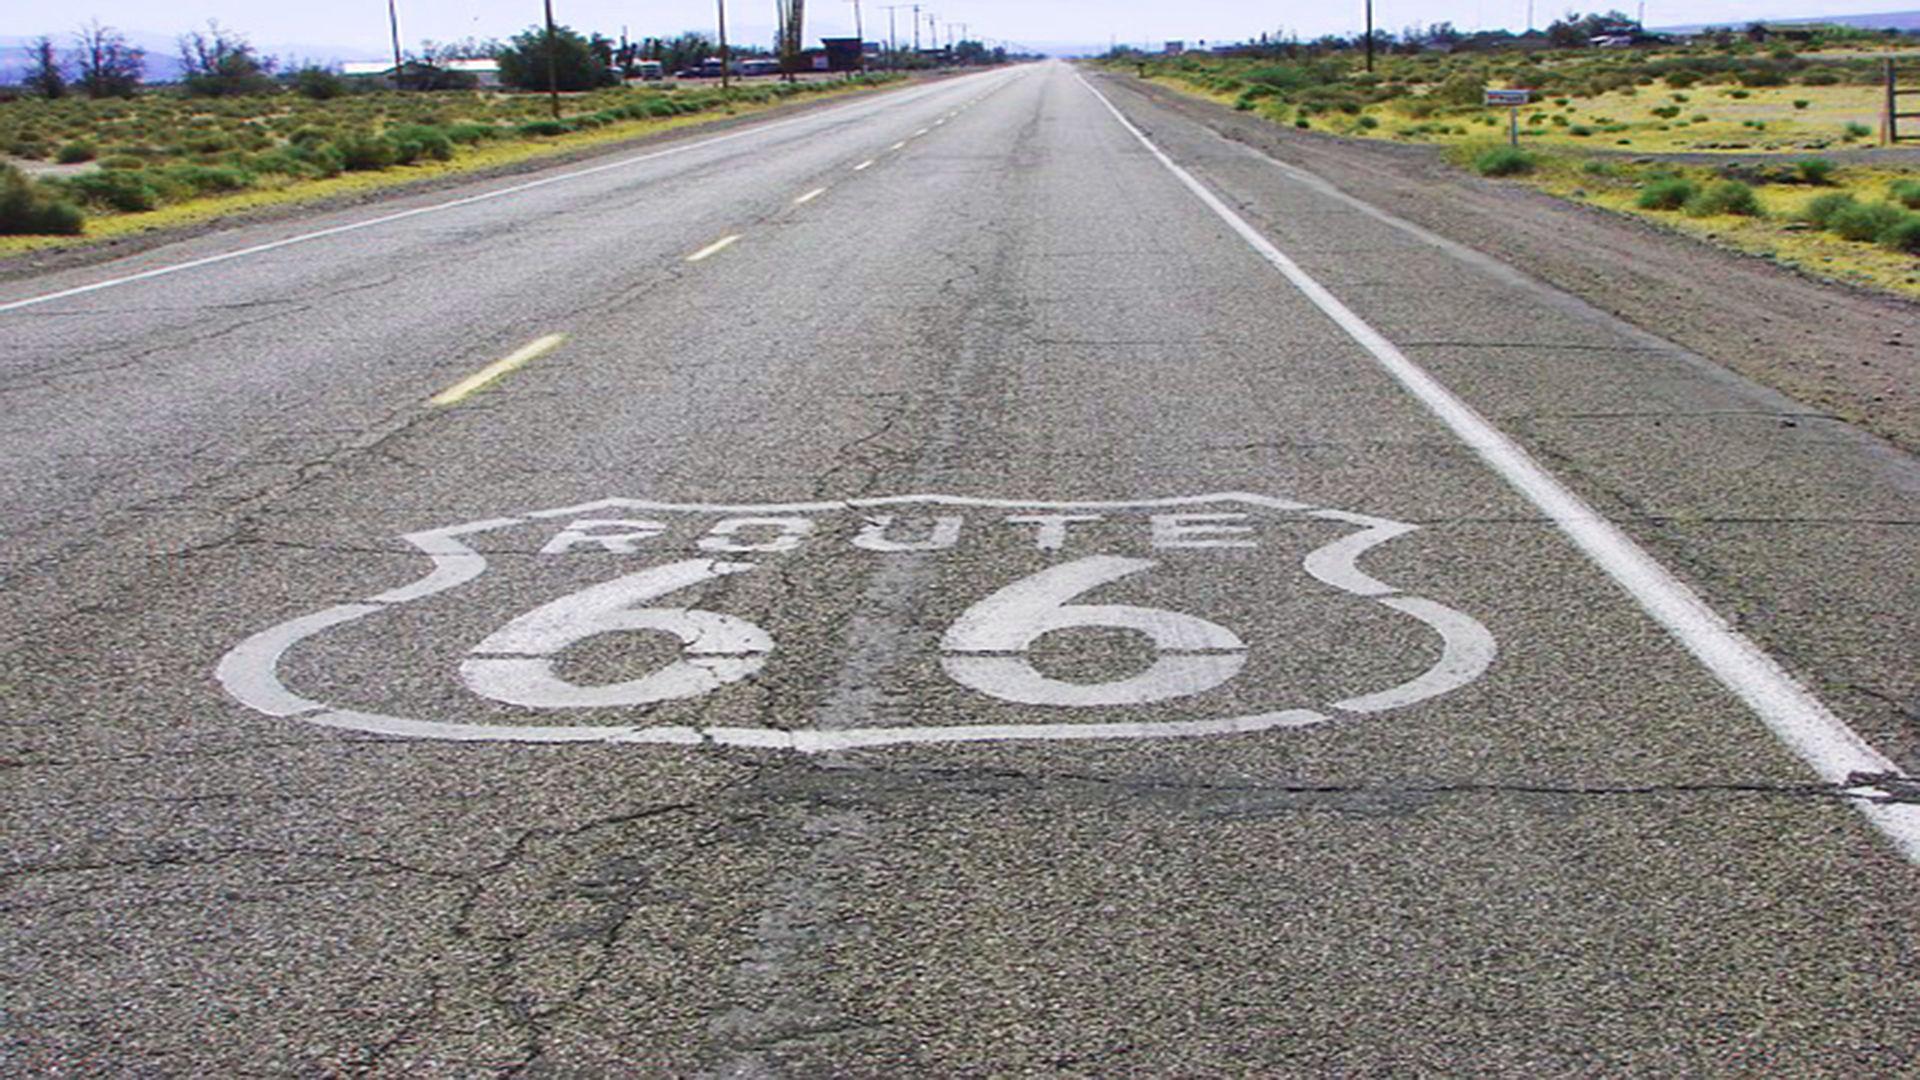 """16 Tage entlang der Route 66 von Chicago nach Los Angeles - Tolle Rundreise für jeden Fan der """"Mother Road"""". #usamietwagentips #usa #route66 [Foto: Pixabay]"""